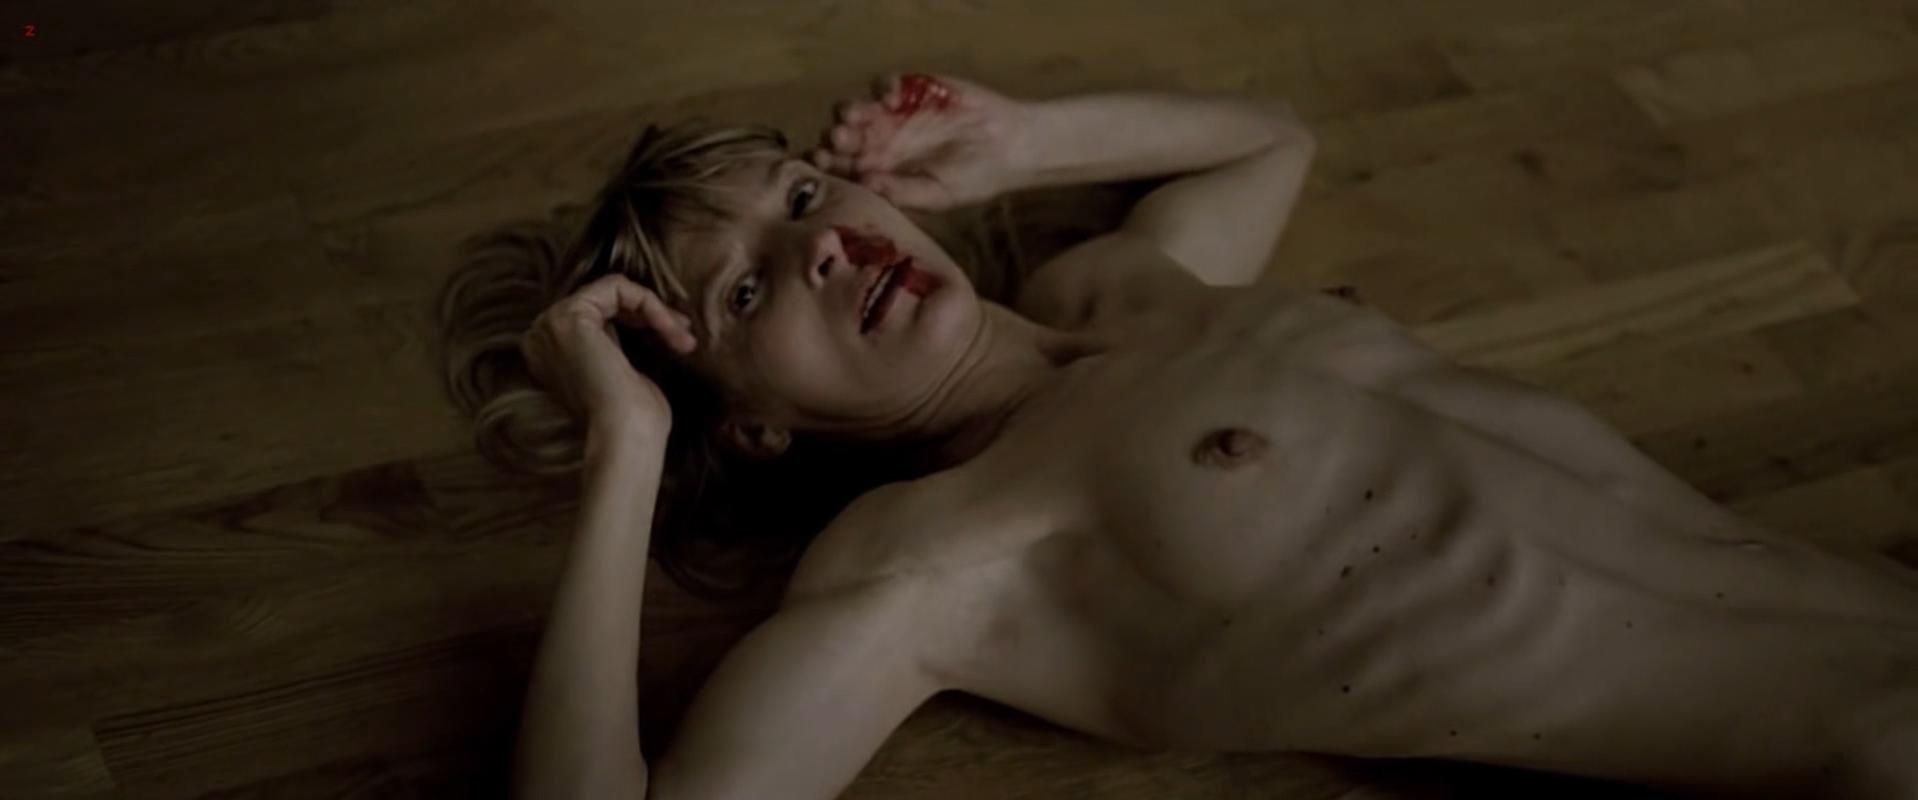 Bien de Moor nude - Code Blue (2011)